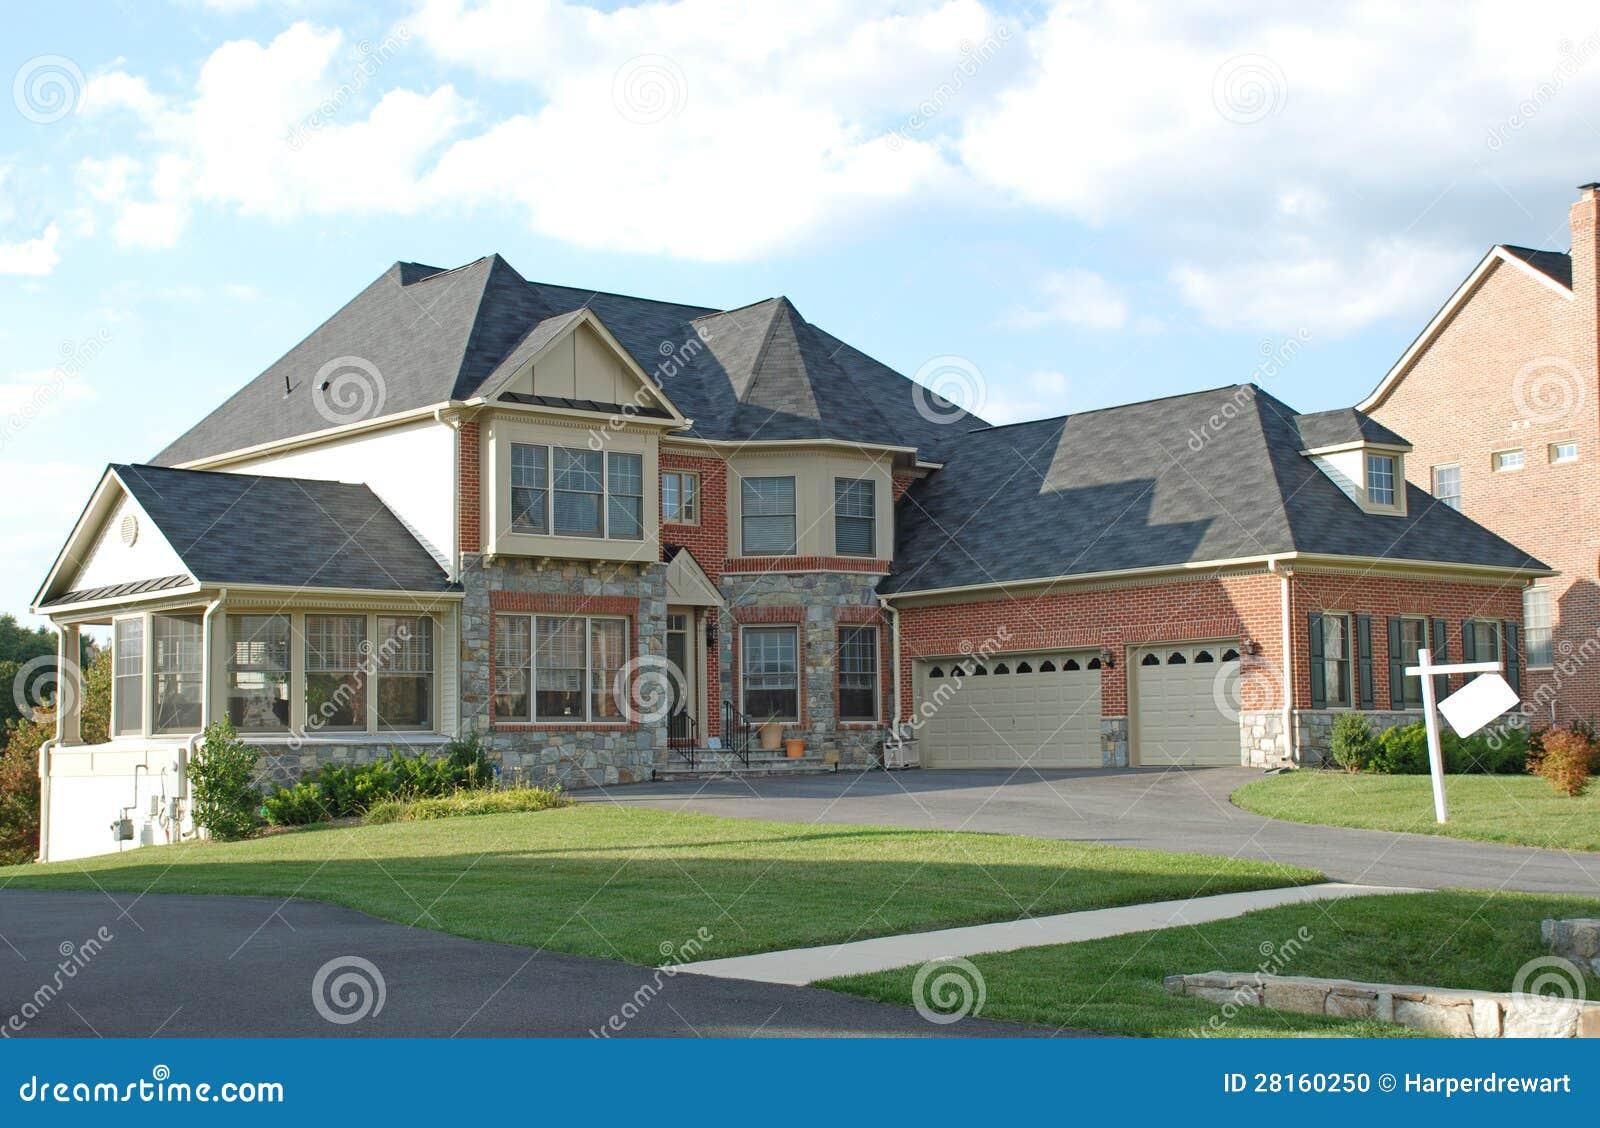 Luxury Home Stock Photo Image 28160250